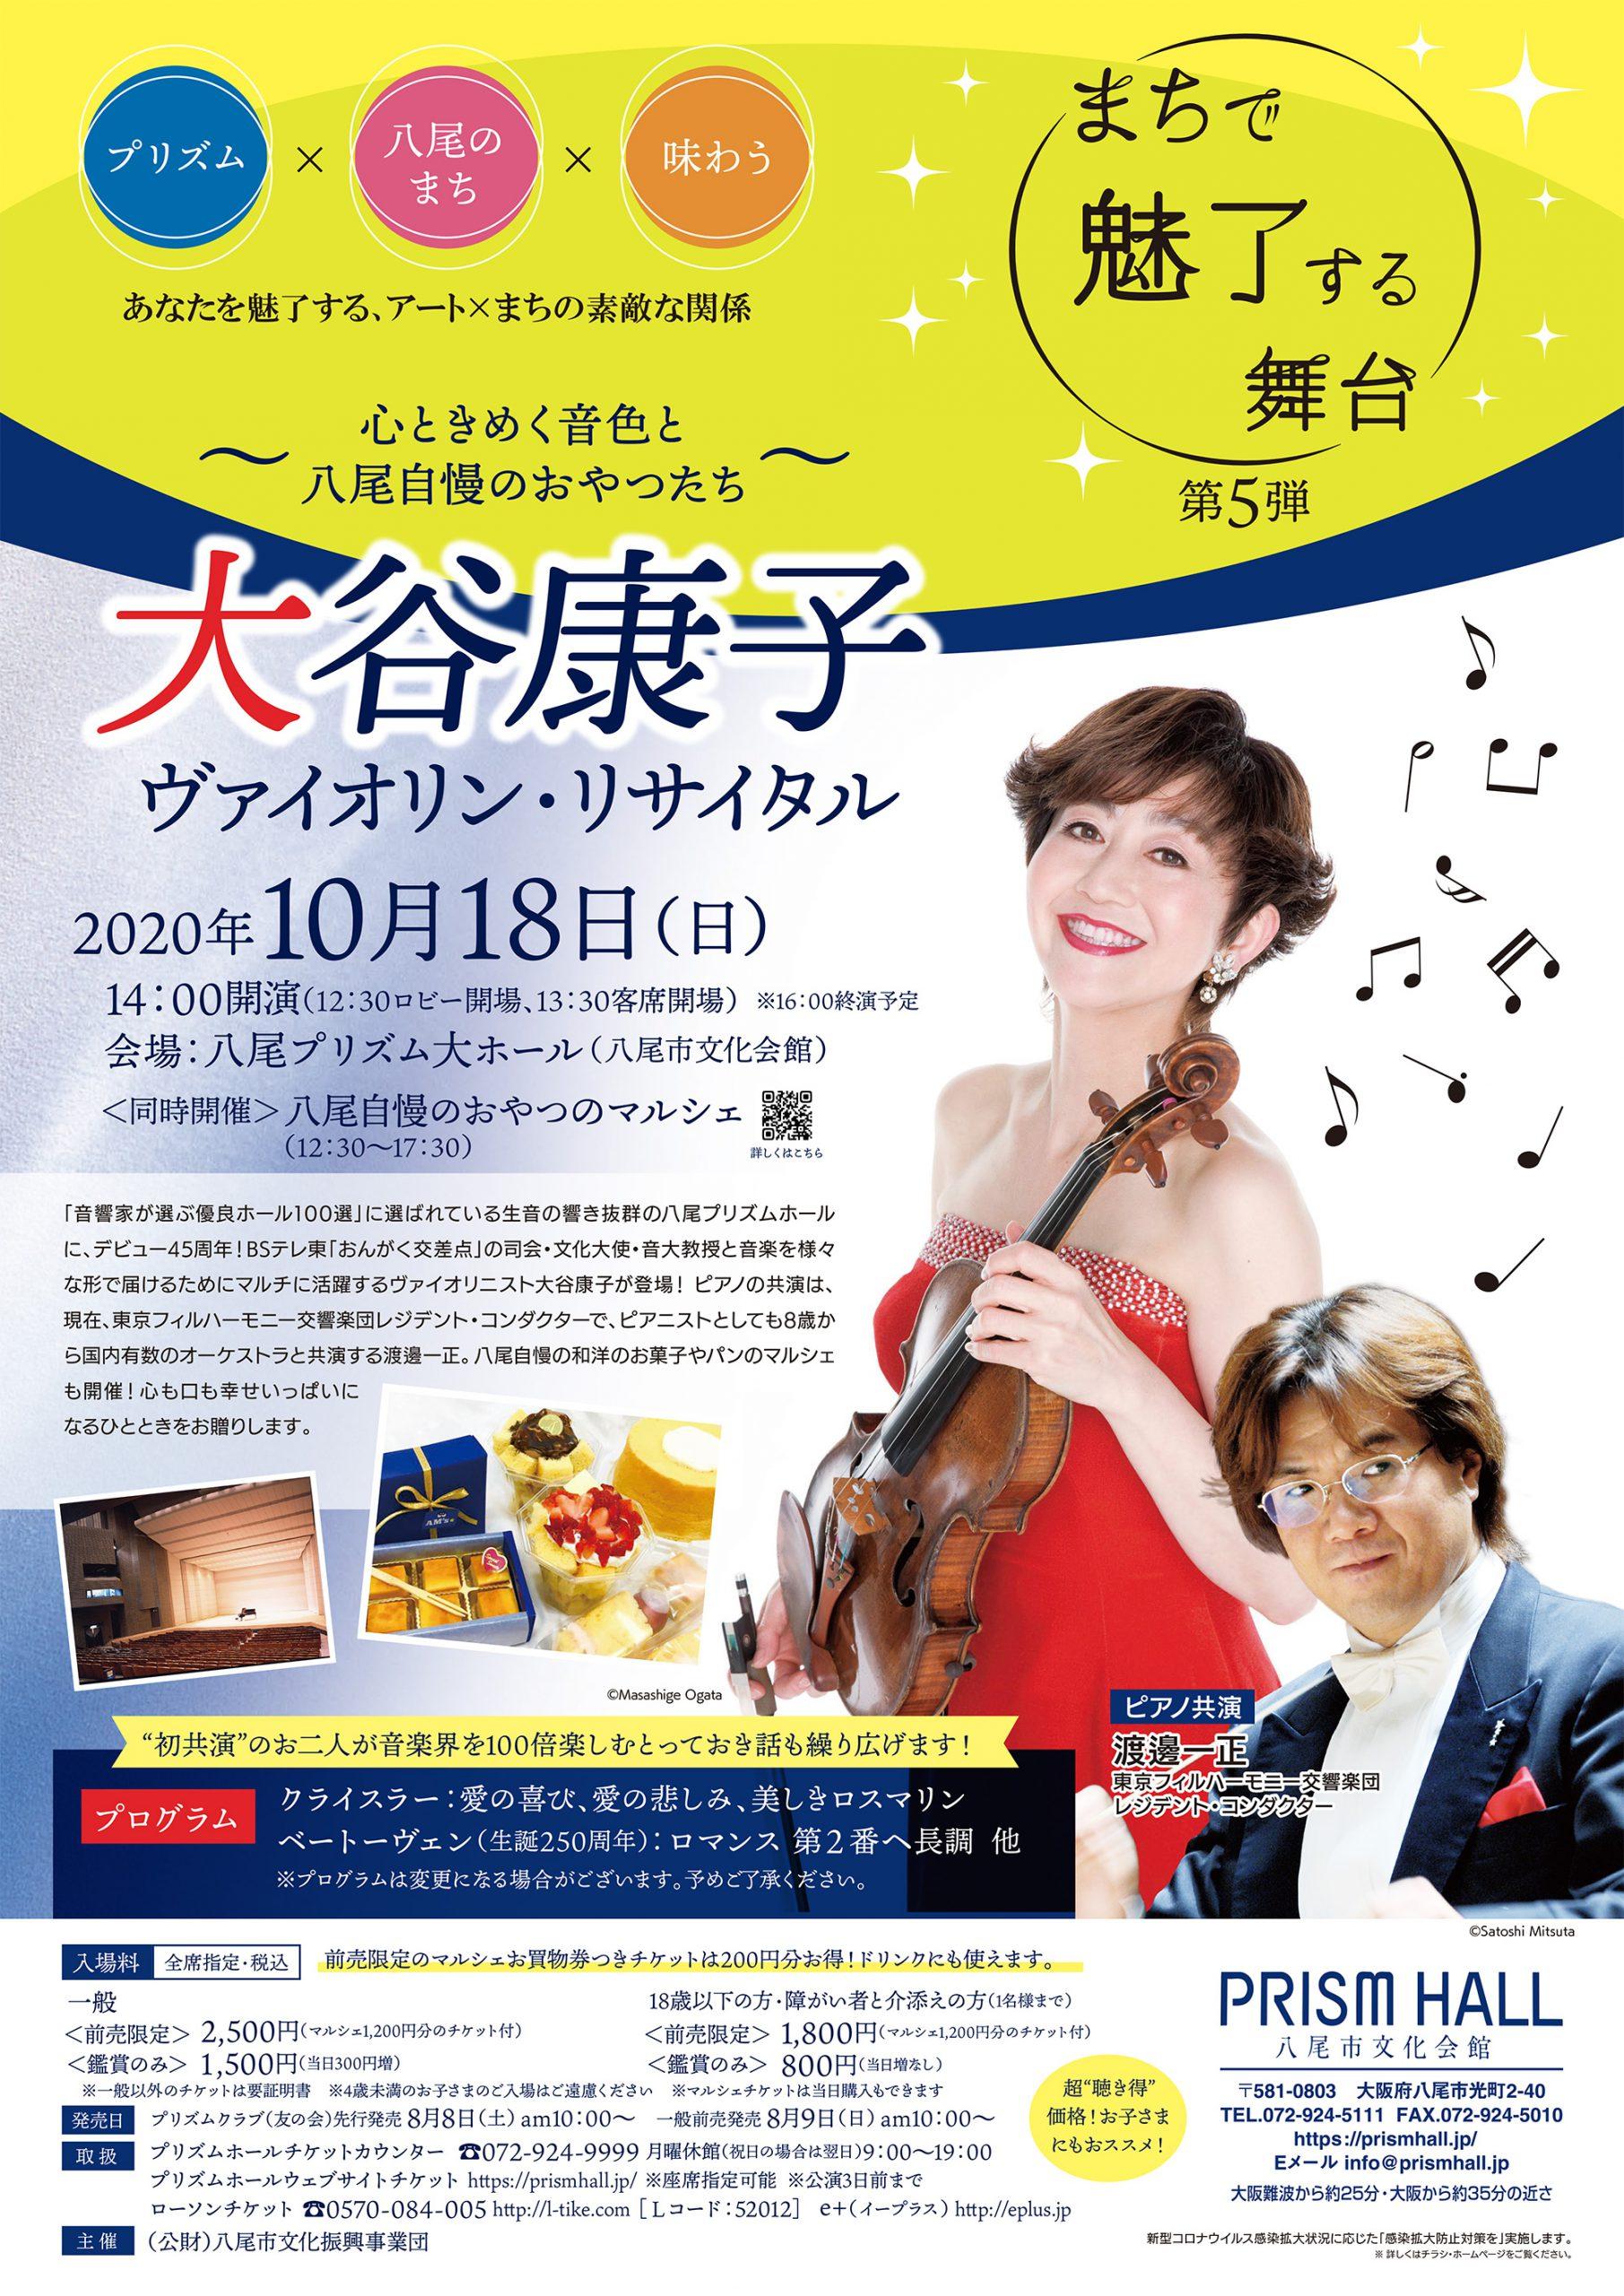 まちで魅了する舞台(大谷康子)|2020.10.18 プリズムホール (大阪府八尾市)